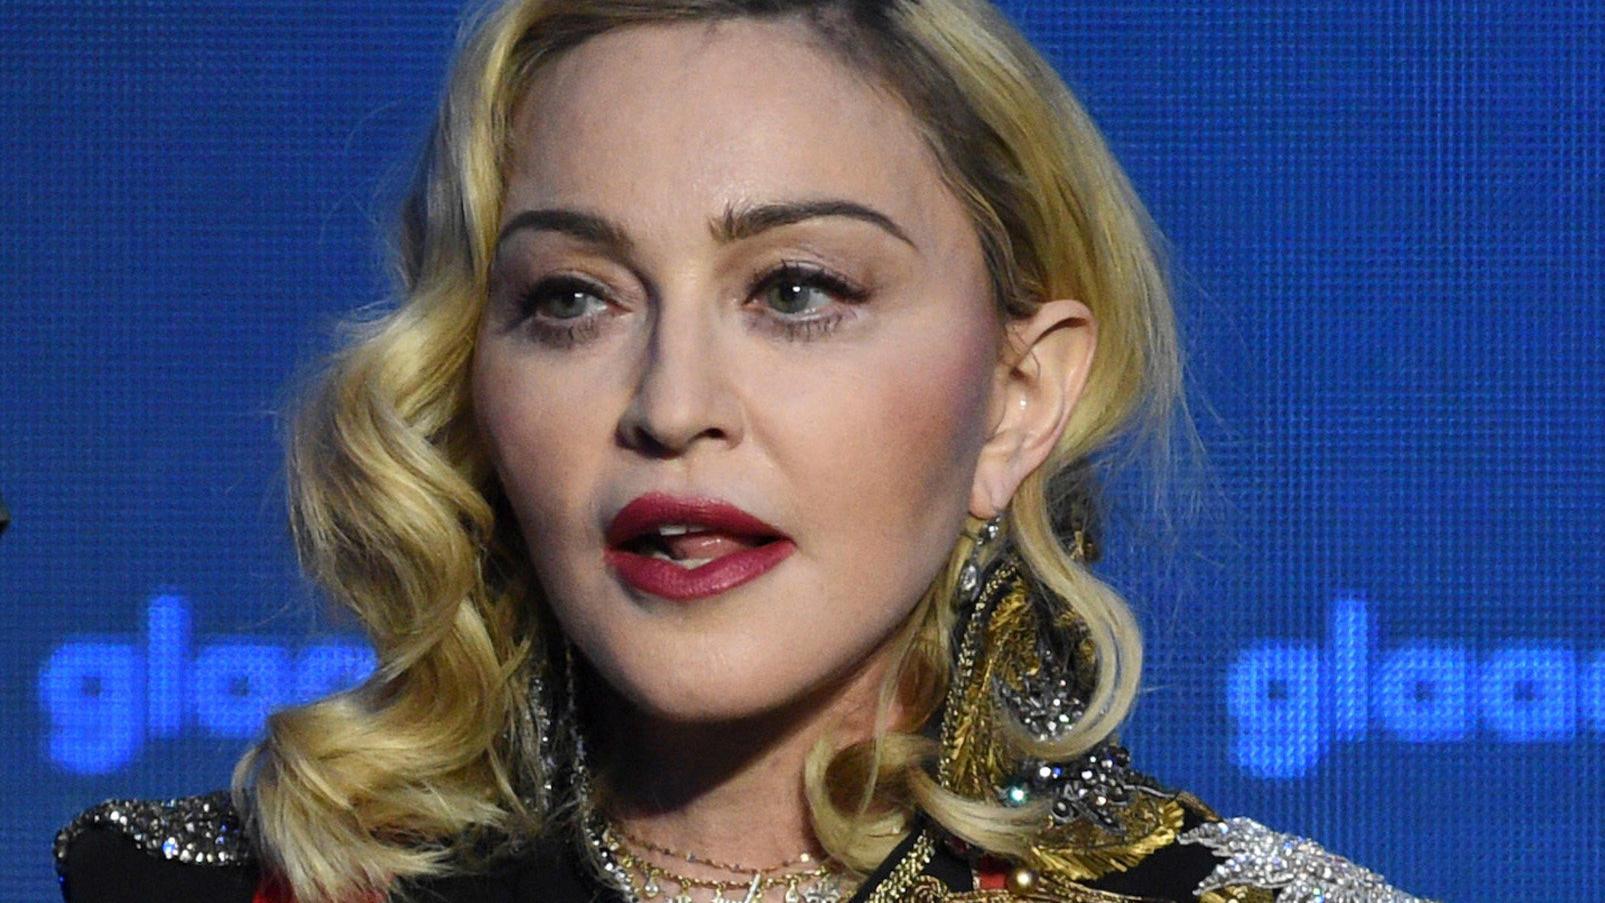 Sängerin Madonna sieht auf aktuellen Fotos sehr verändert aus.